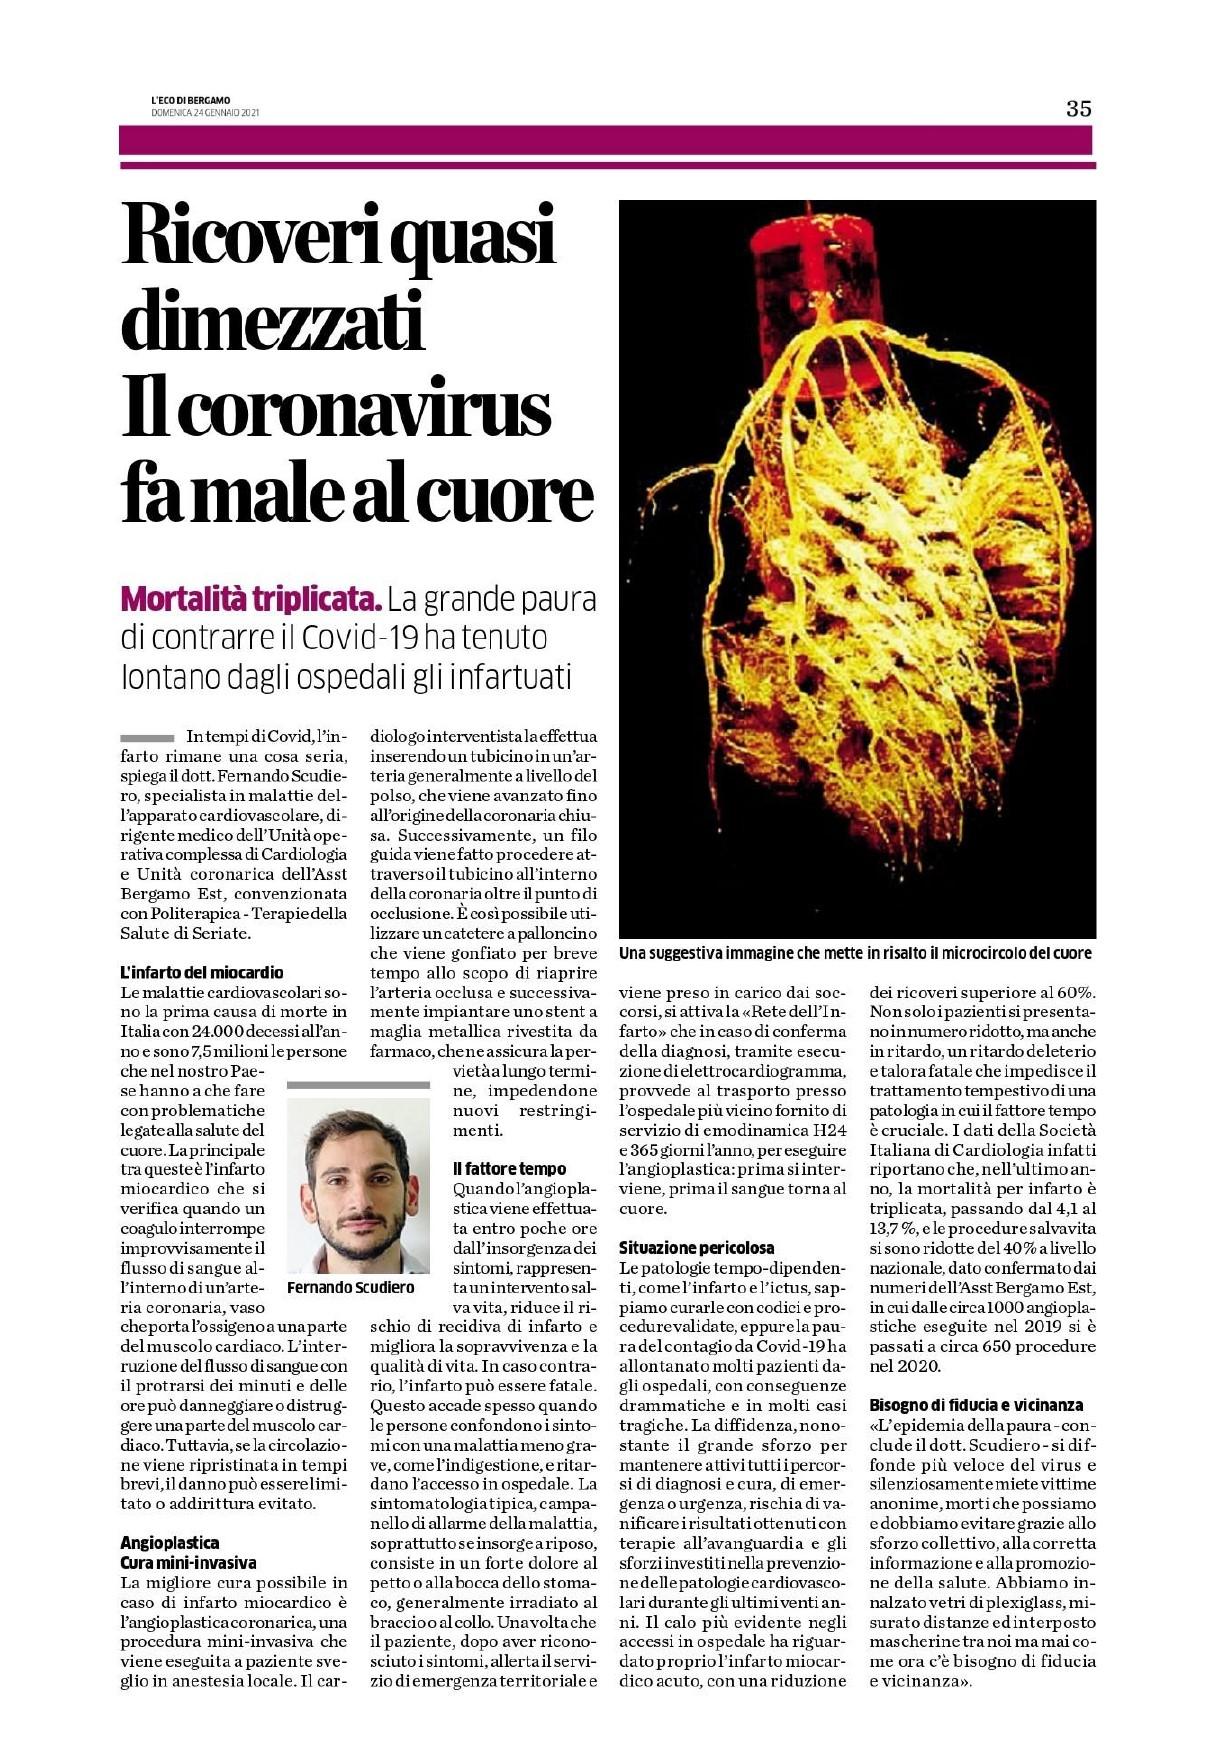 L'Eco di Bergamo - 24.01.2021 - Scudiero, infarto - Completo_page-0001